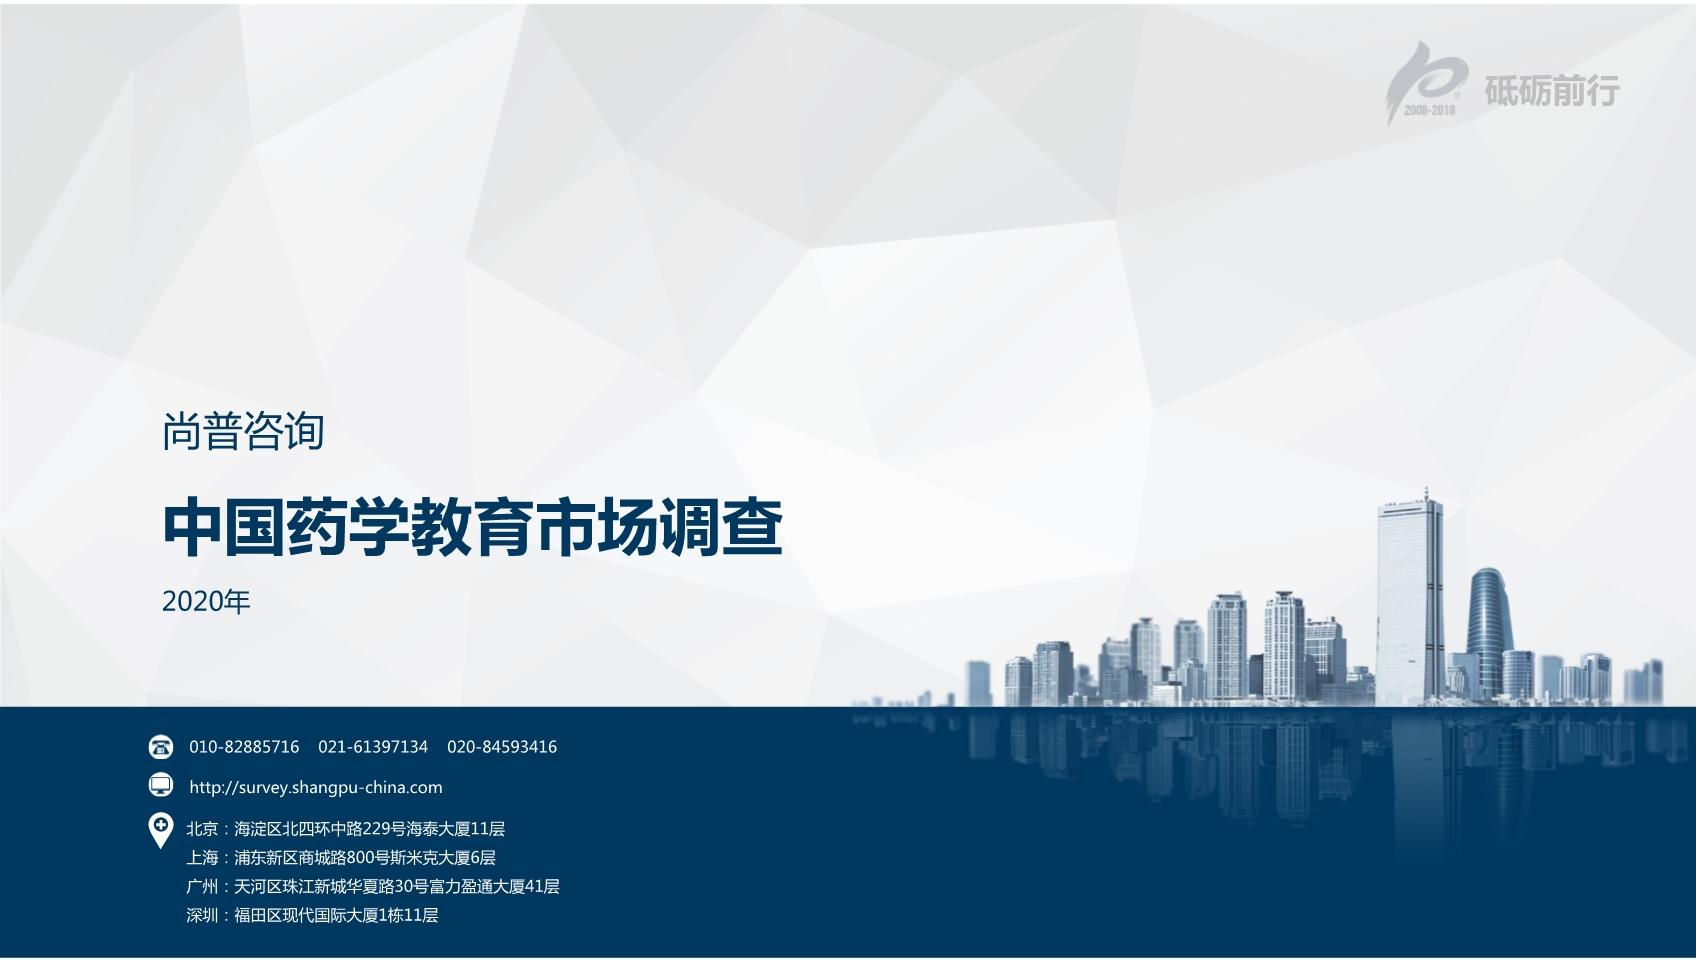 尚普咨询:2020年中国药学教育市场调查